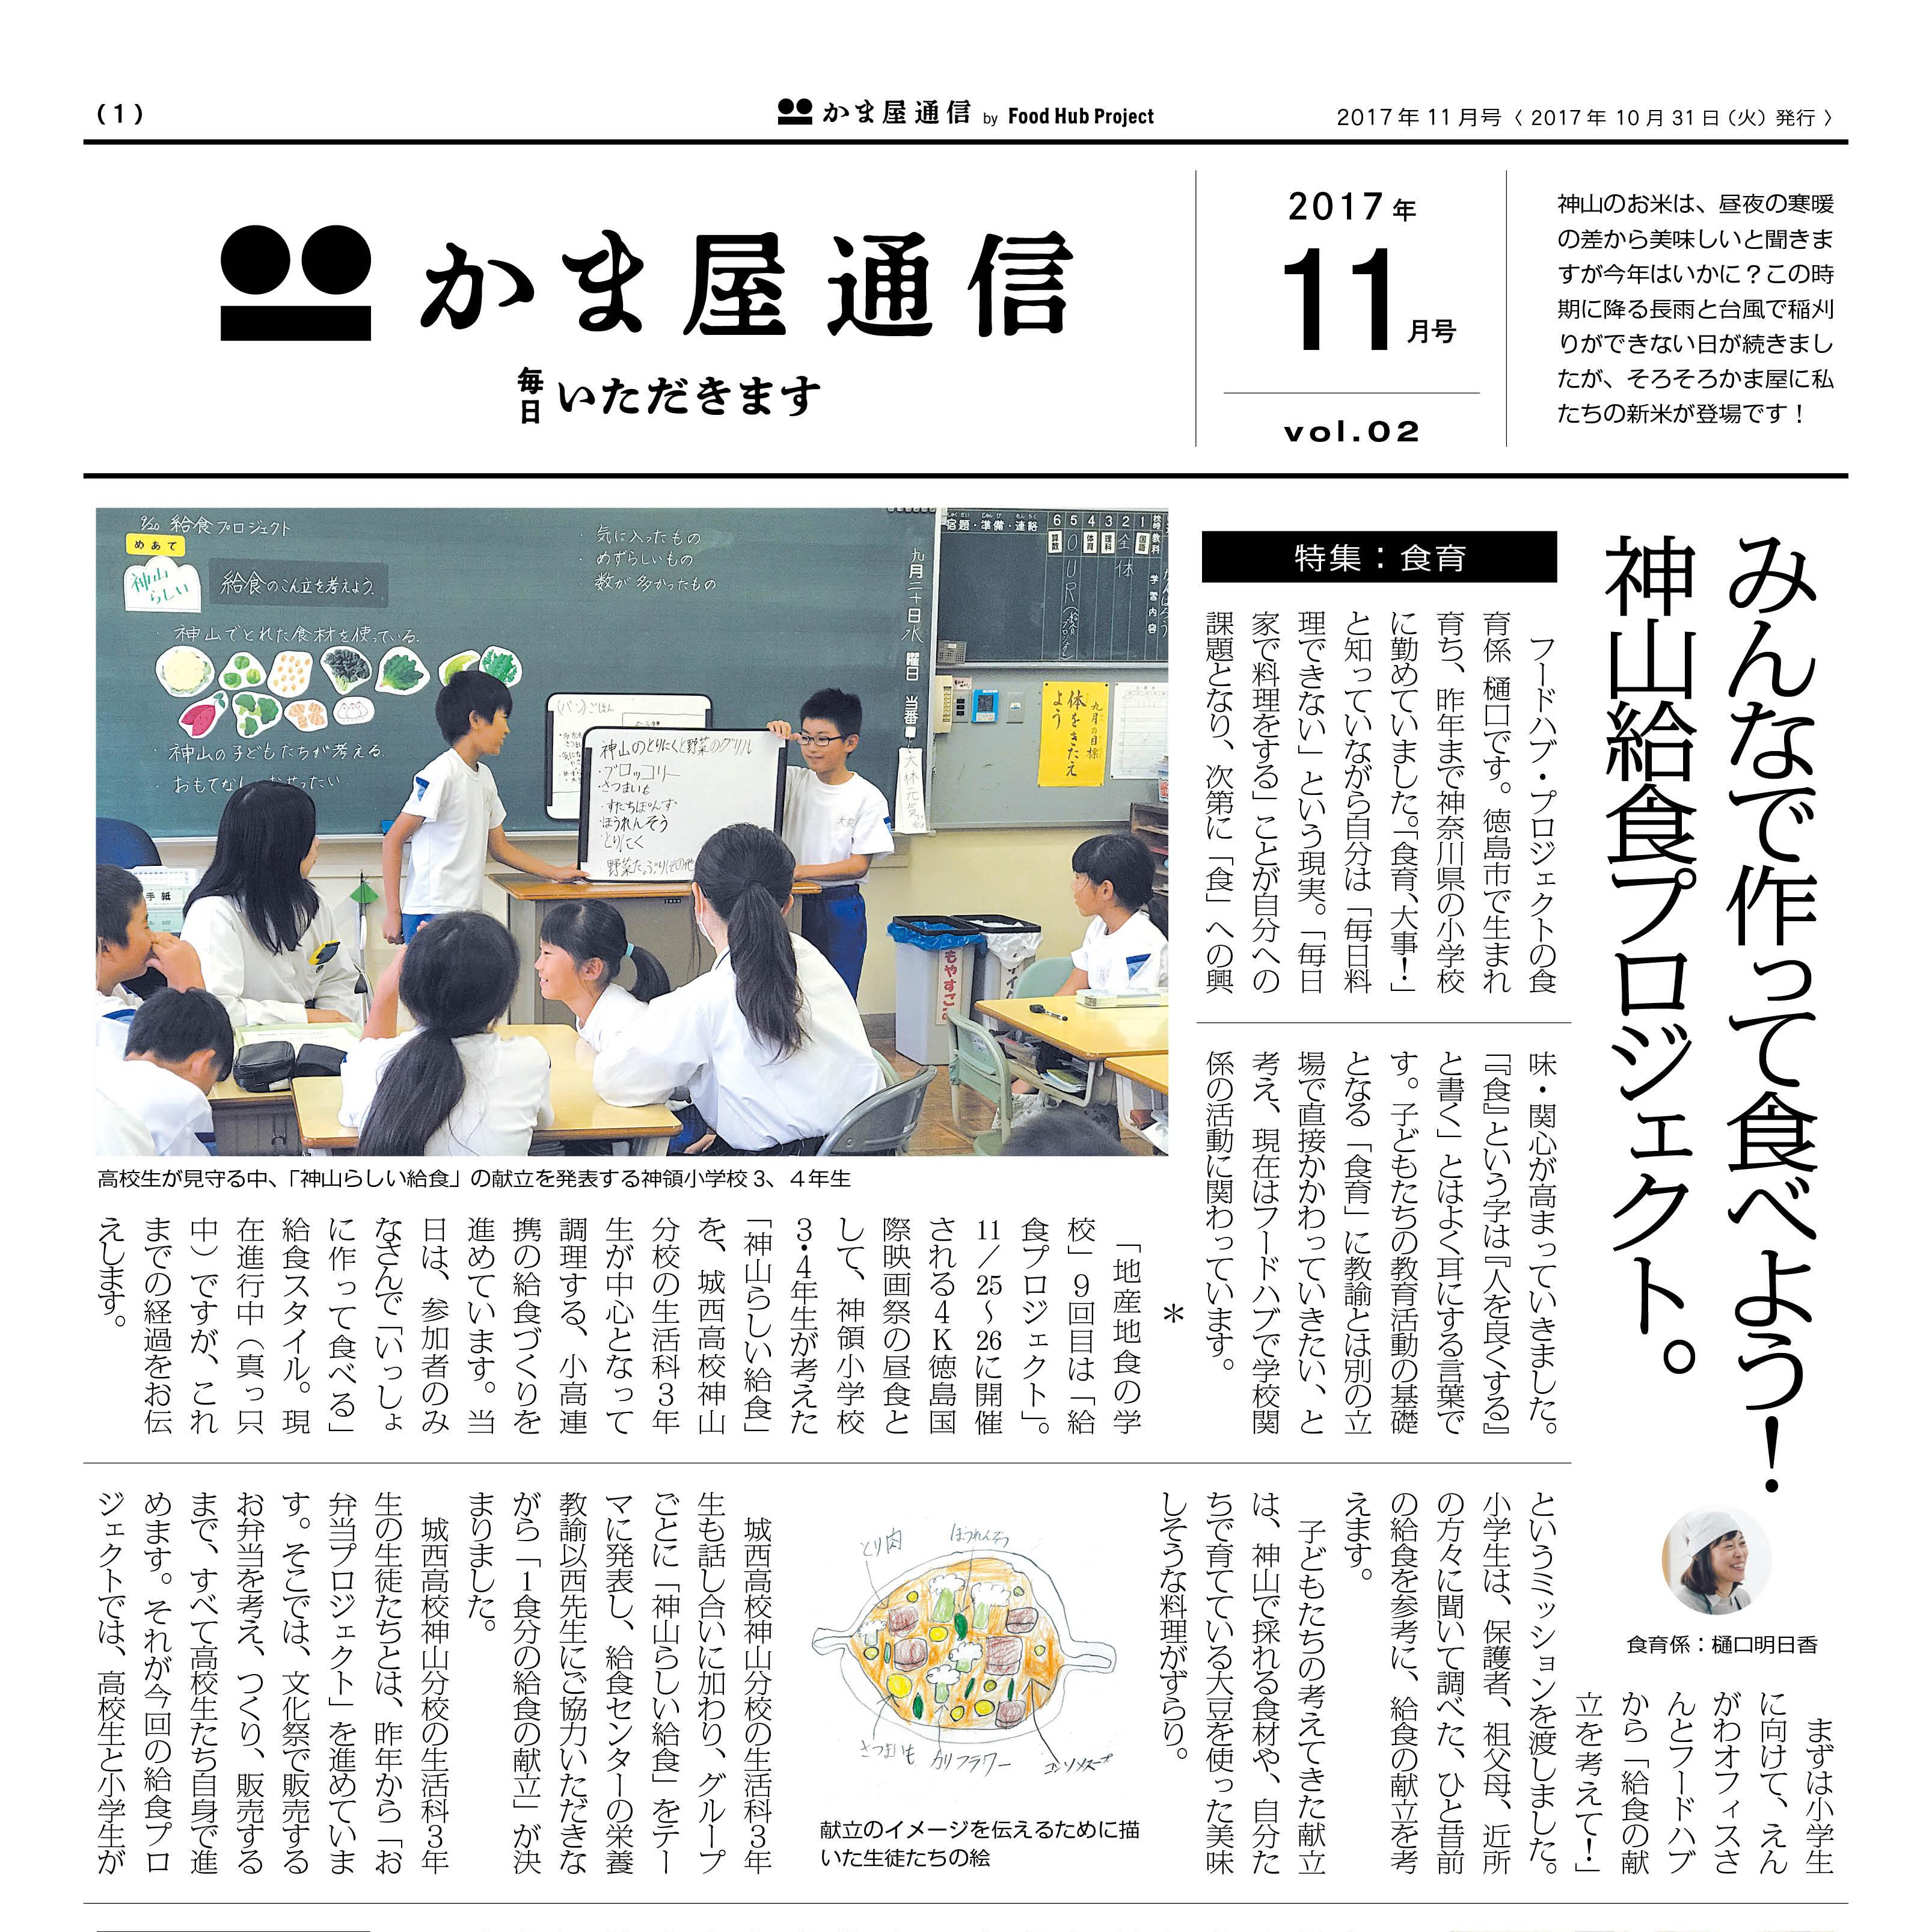 2017年10月31日(火)に発行された、「かま屋 通信 11月号」